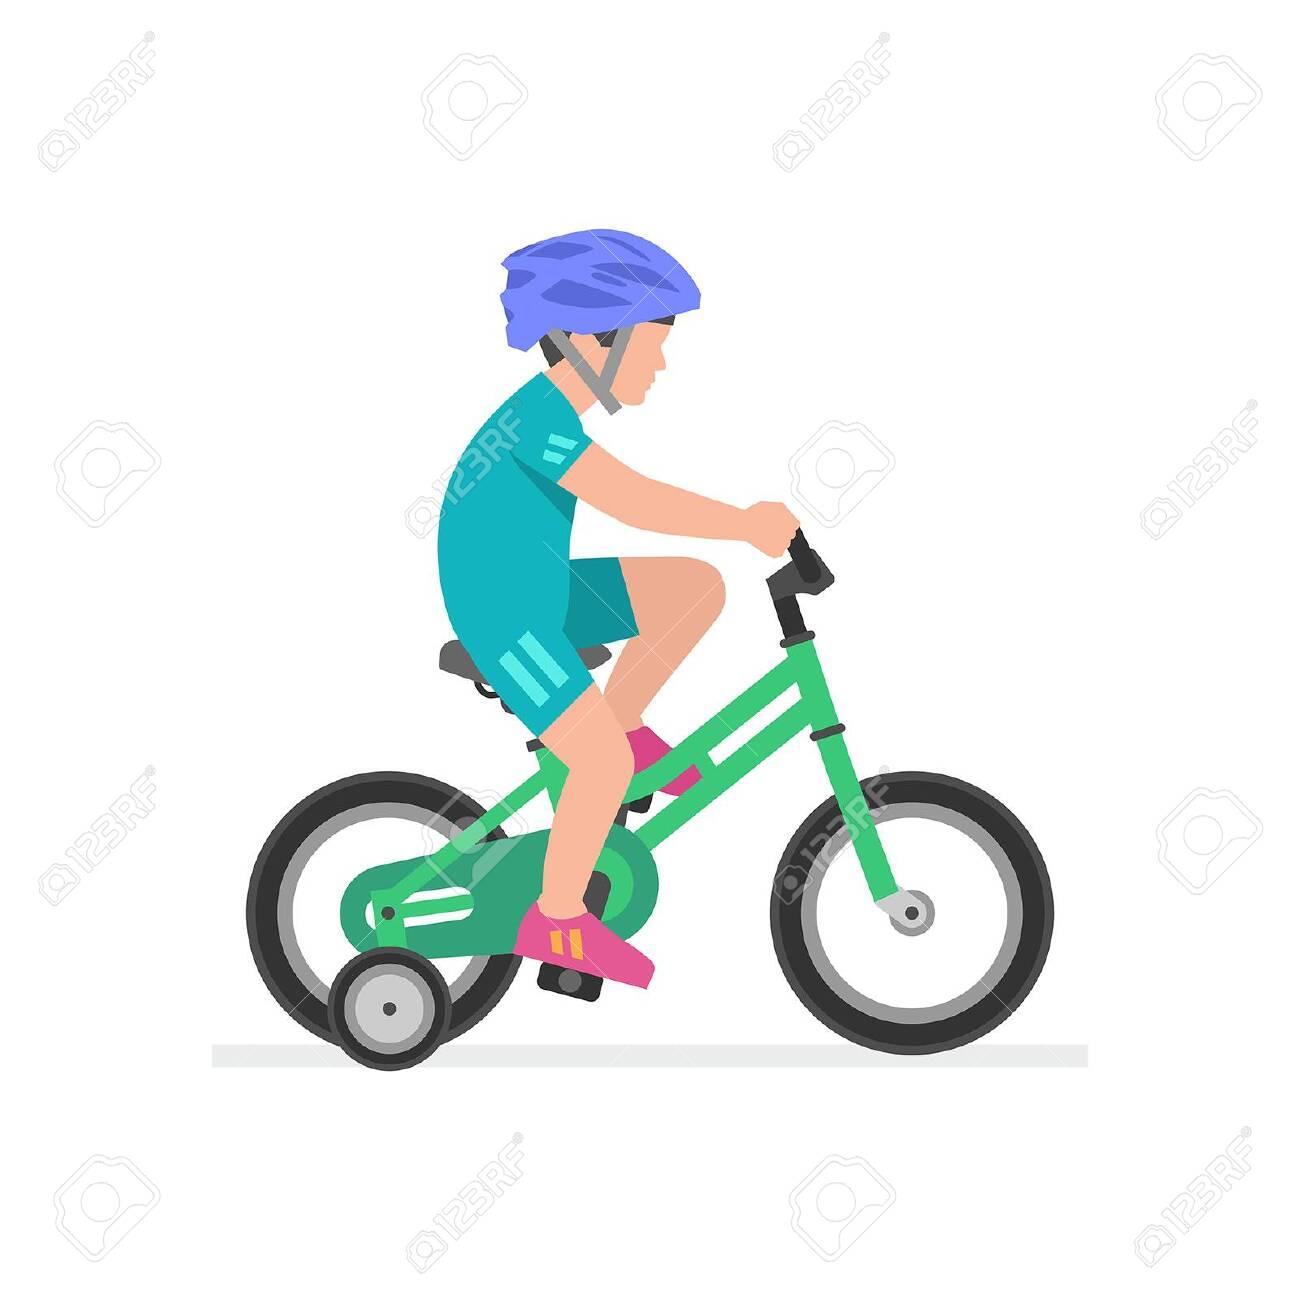 Boy riding bike isolated on white background - 122502456